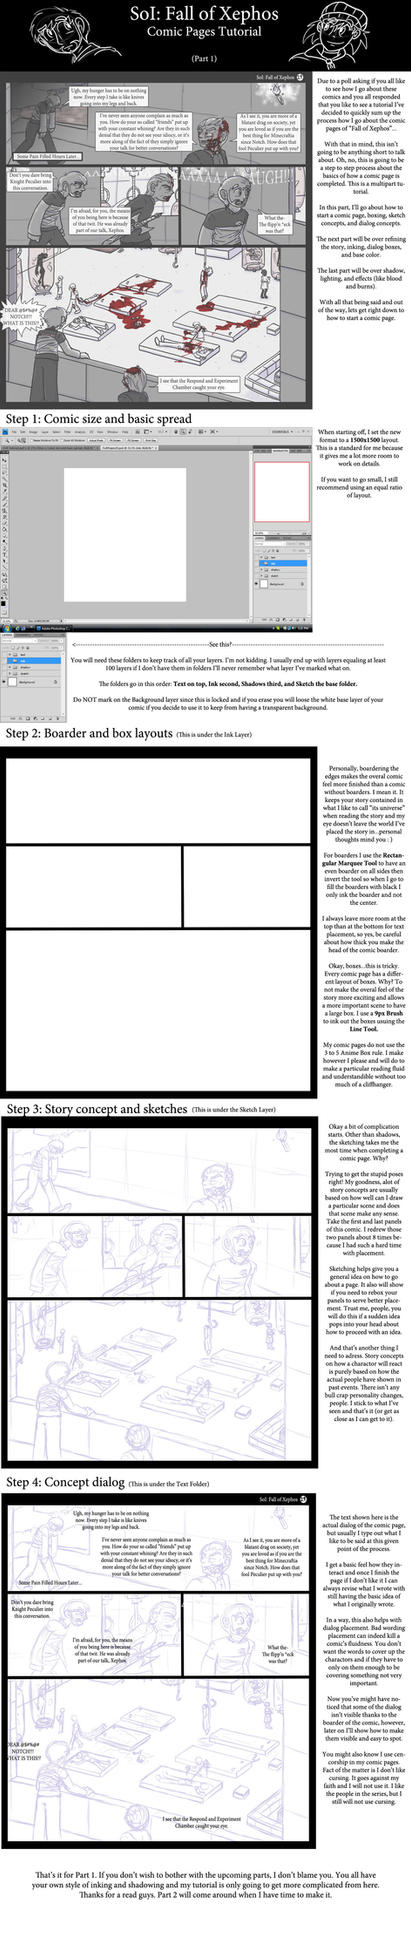 FoX Page Tutorial - part 1 by DordtChild